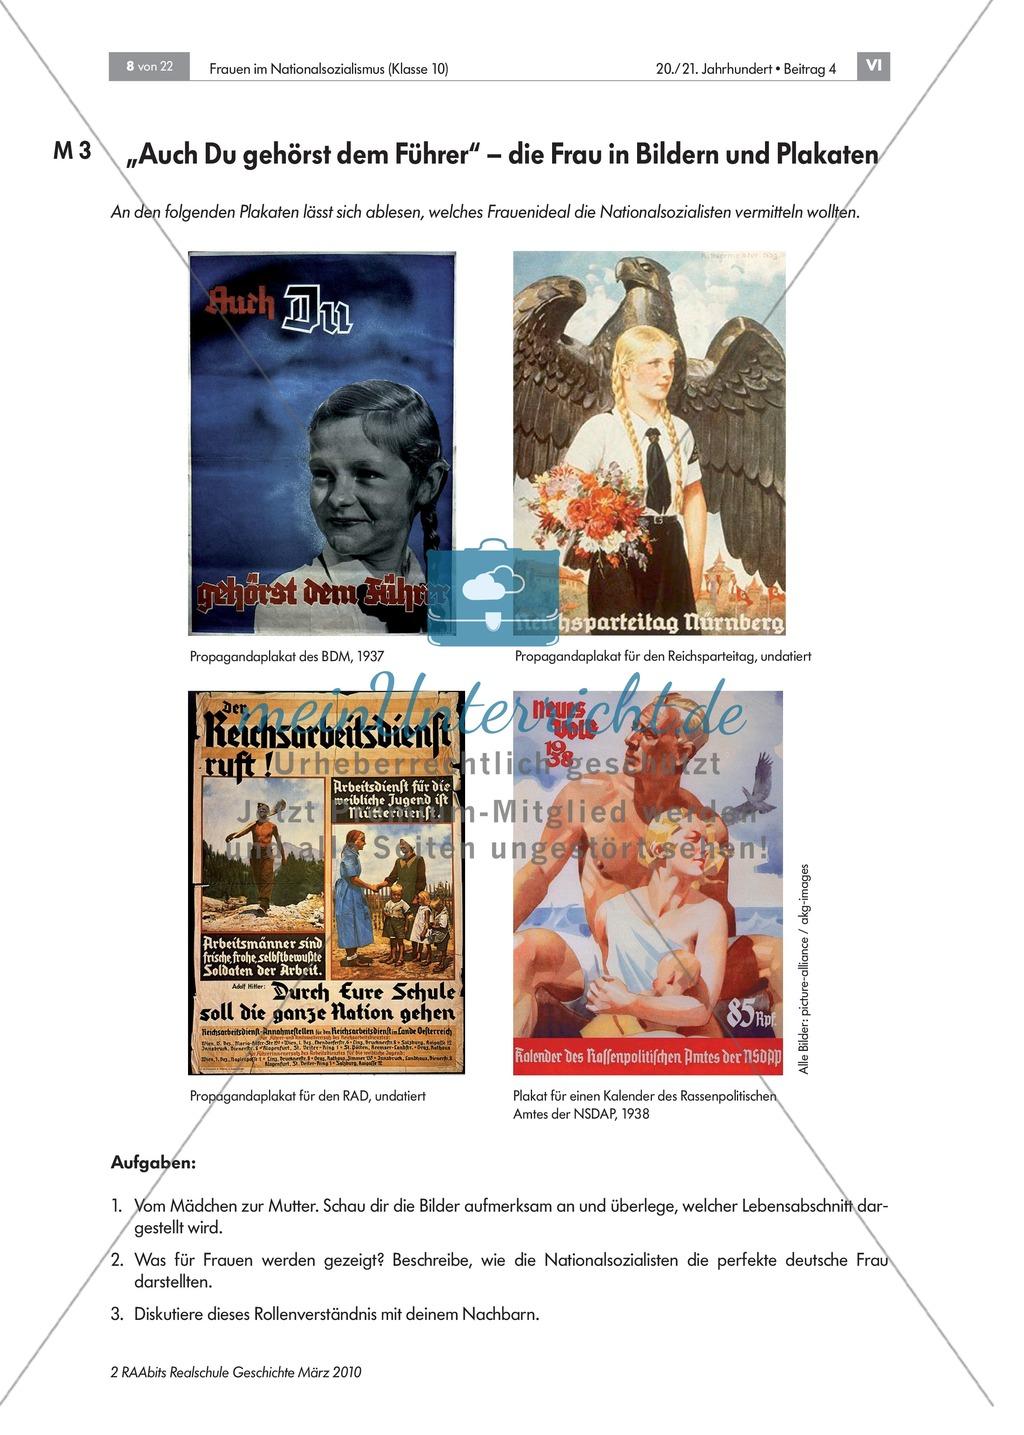 Frauen im Nationalsozialismus: Propaganda Preview 2